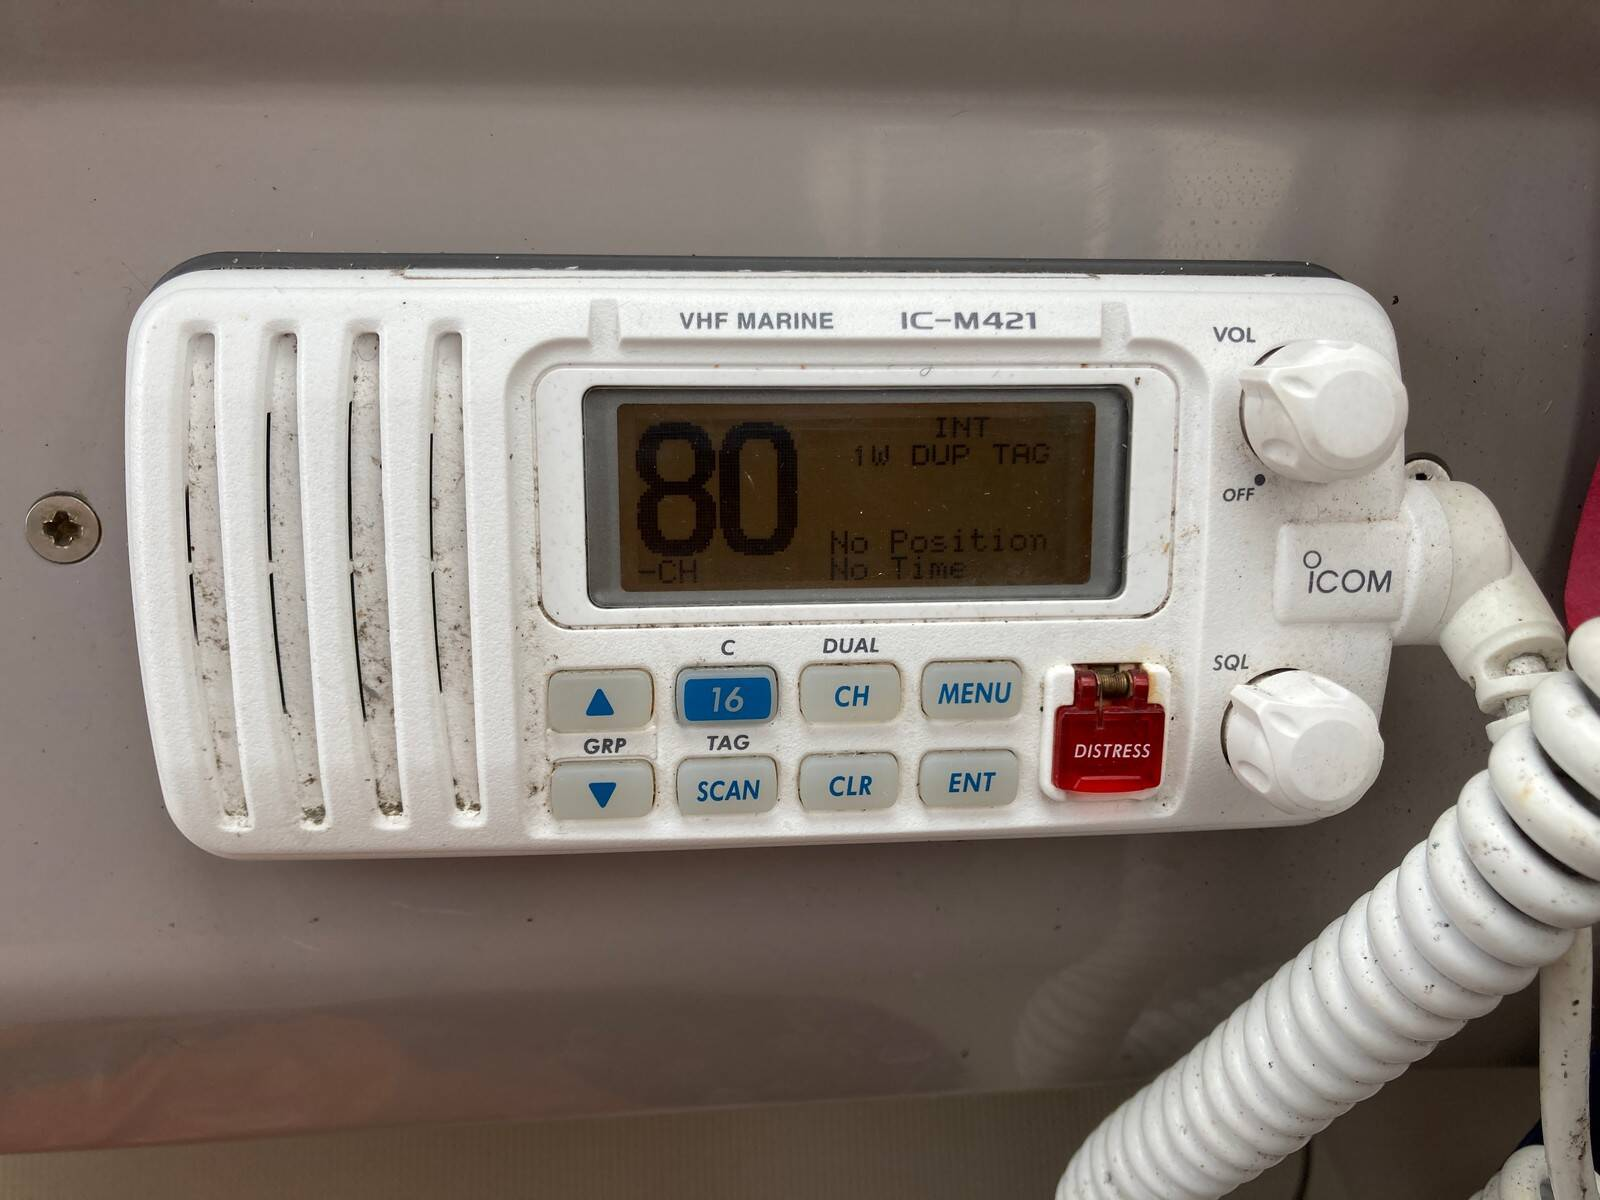 Regal 2460 Commodore VHF radio